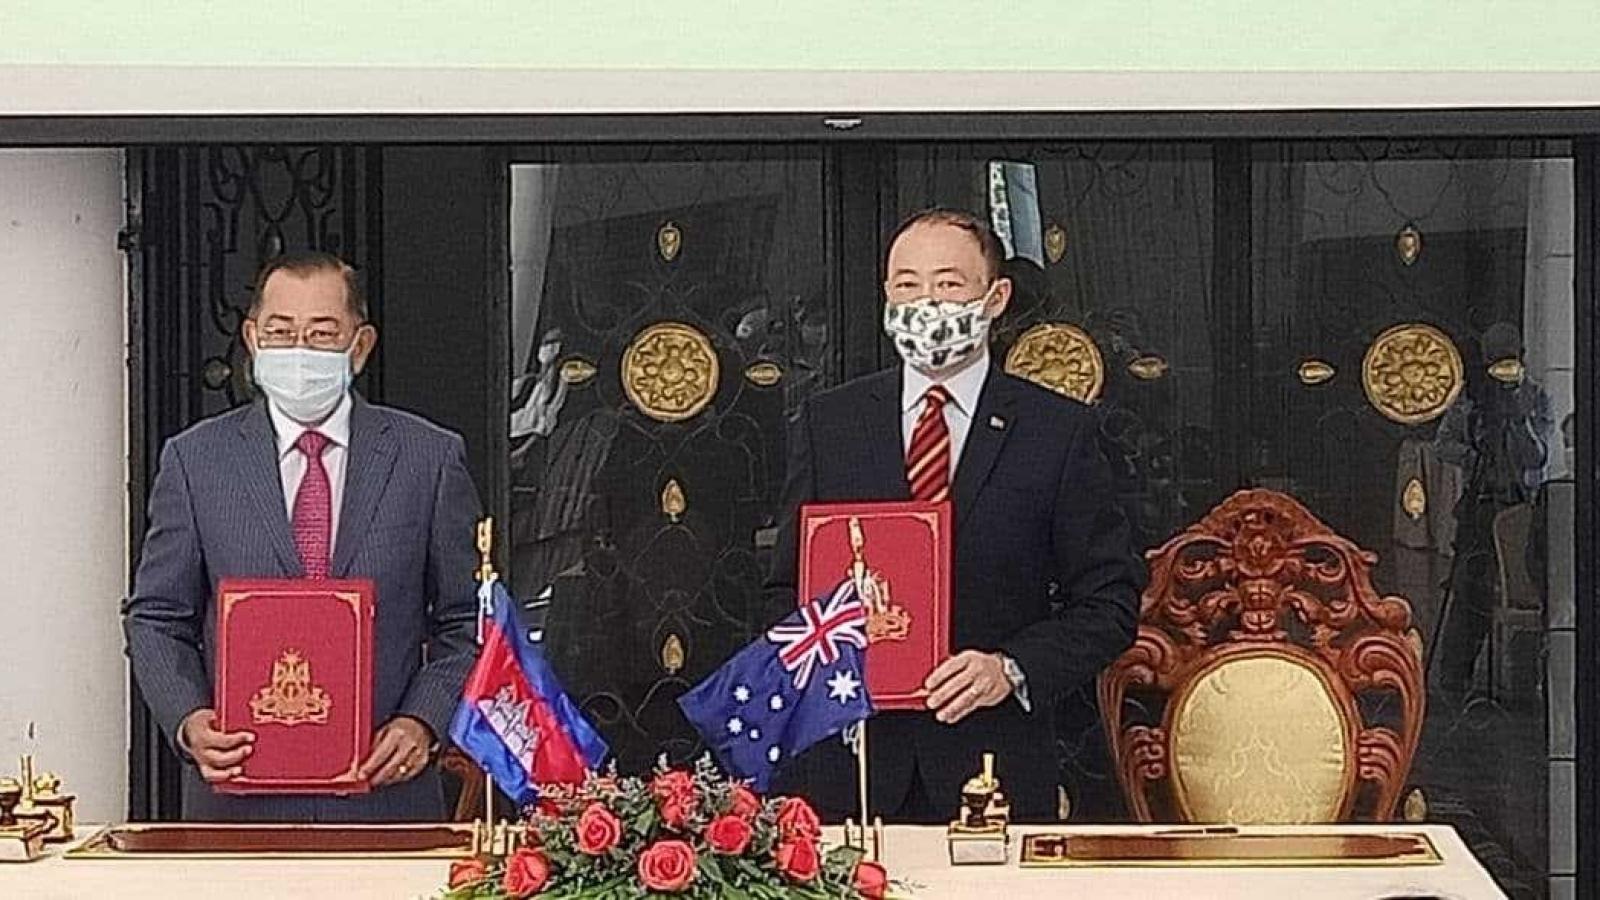 Australia viện trợ 85 triệu USD giúp Campuchia khắc phục hậu quả dịch bệnh